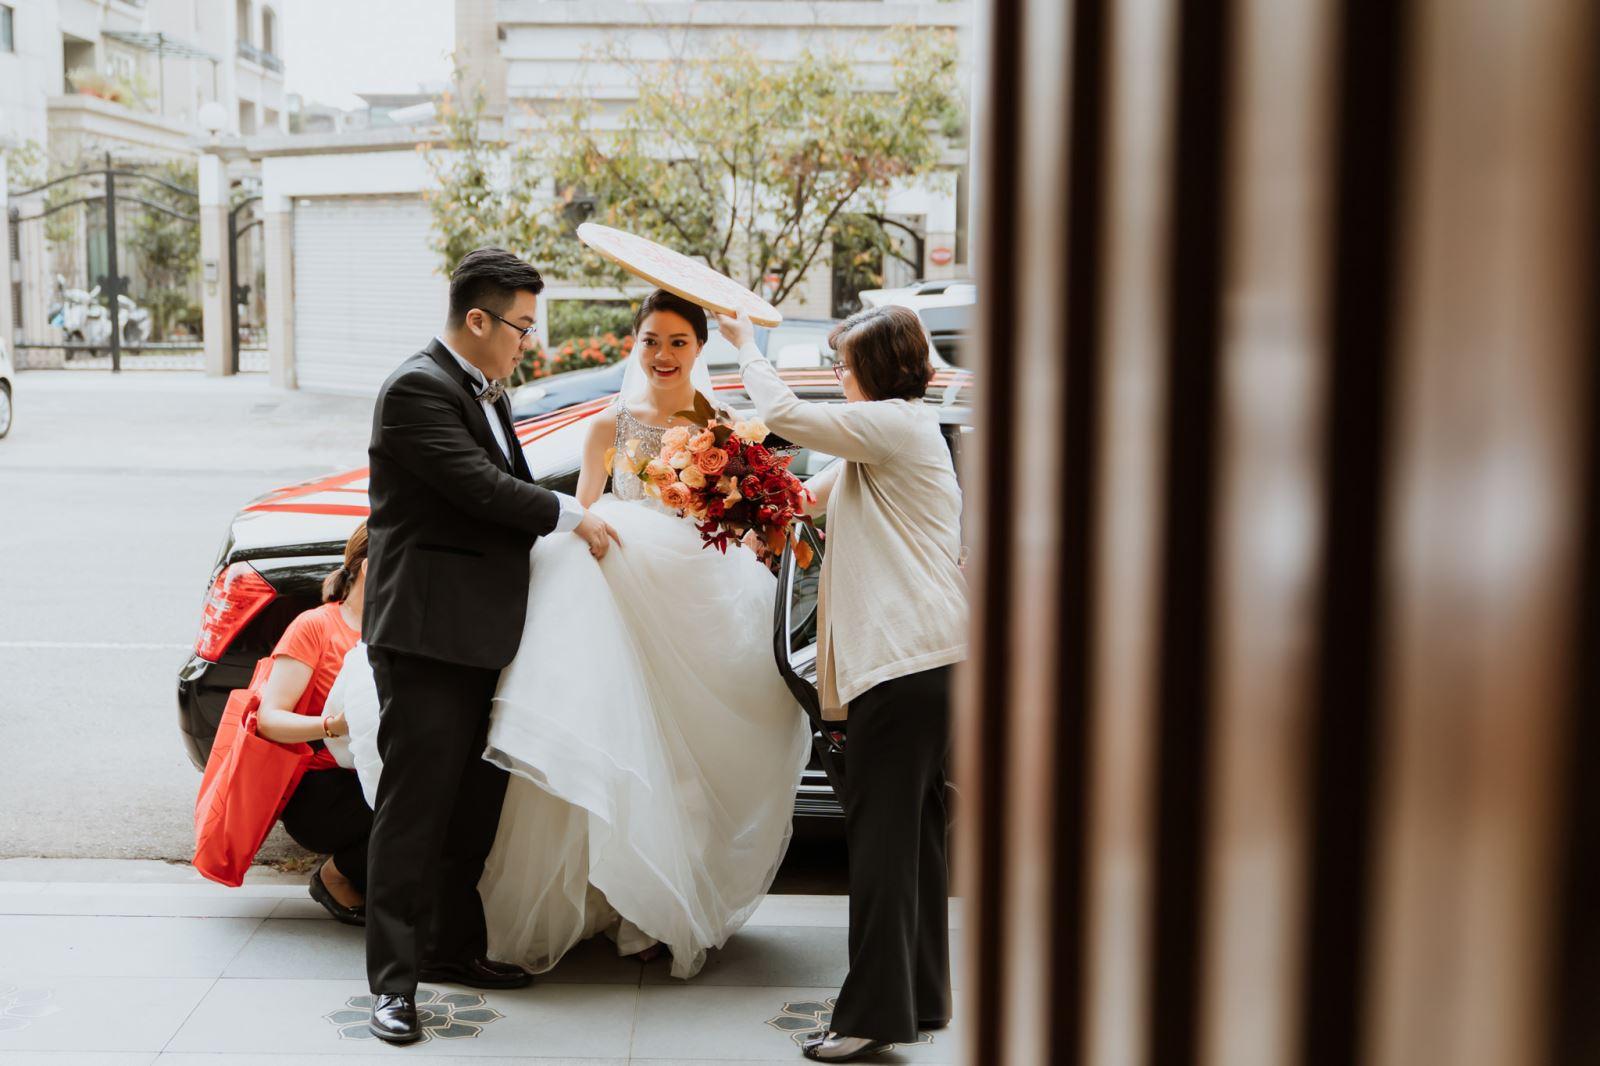 婚禮顧問代購米篩,新娘下車,米篩遮天